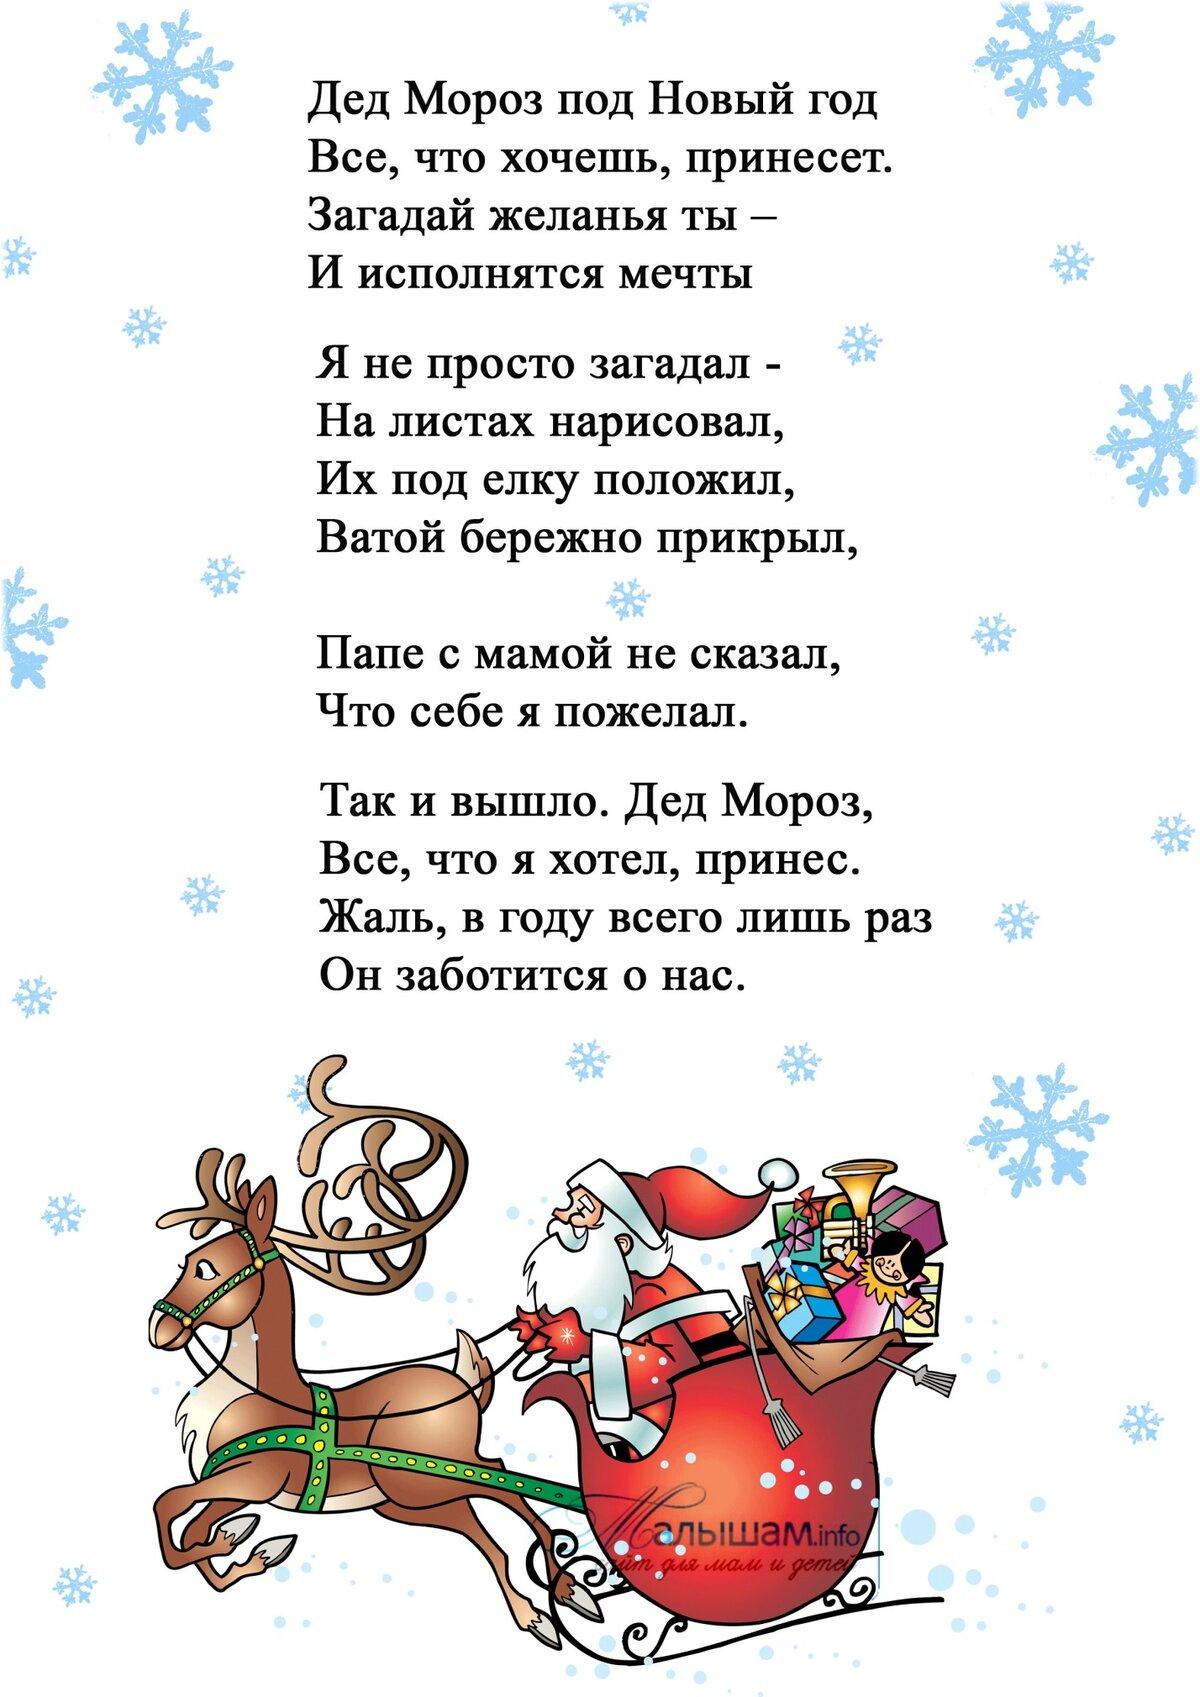 стихи на новый год для 7 лет 1класс сразу, что